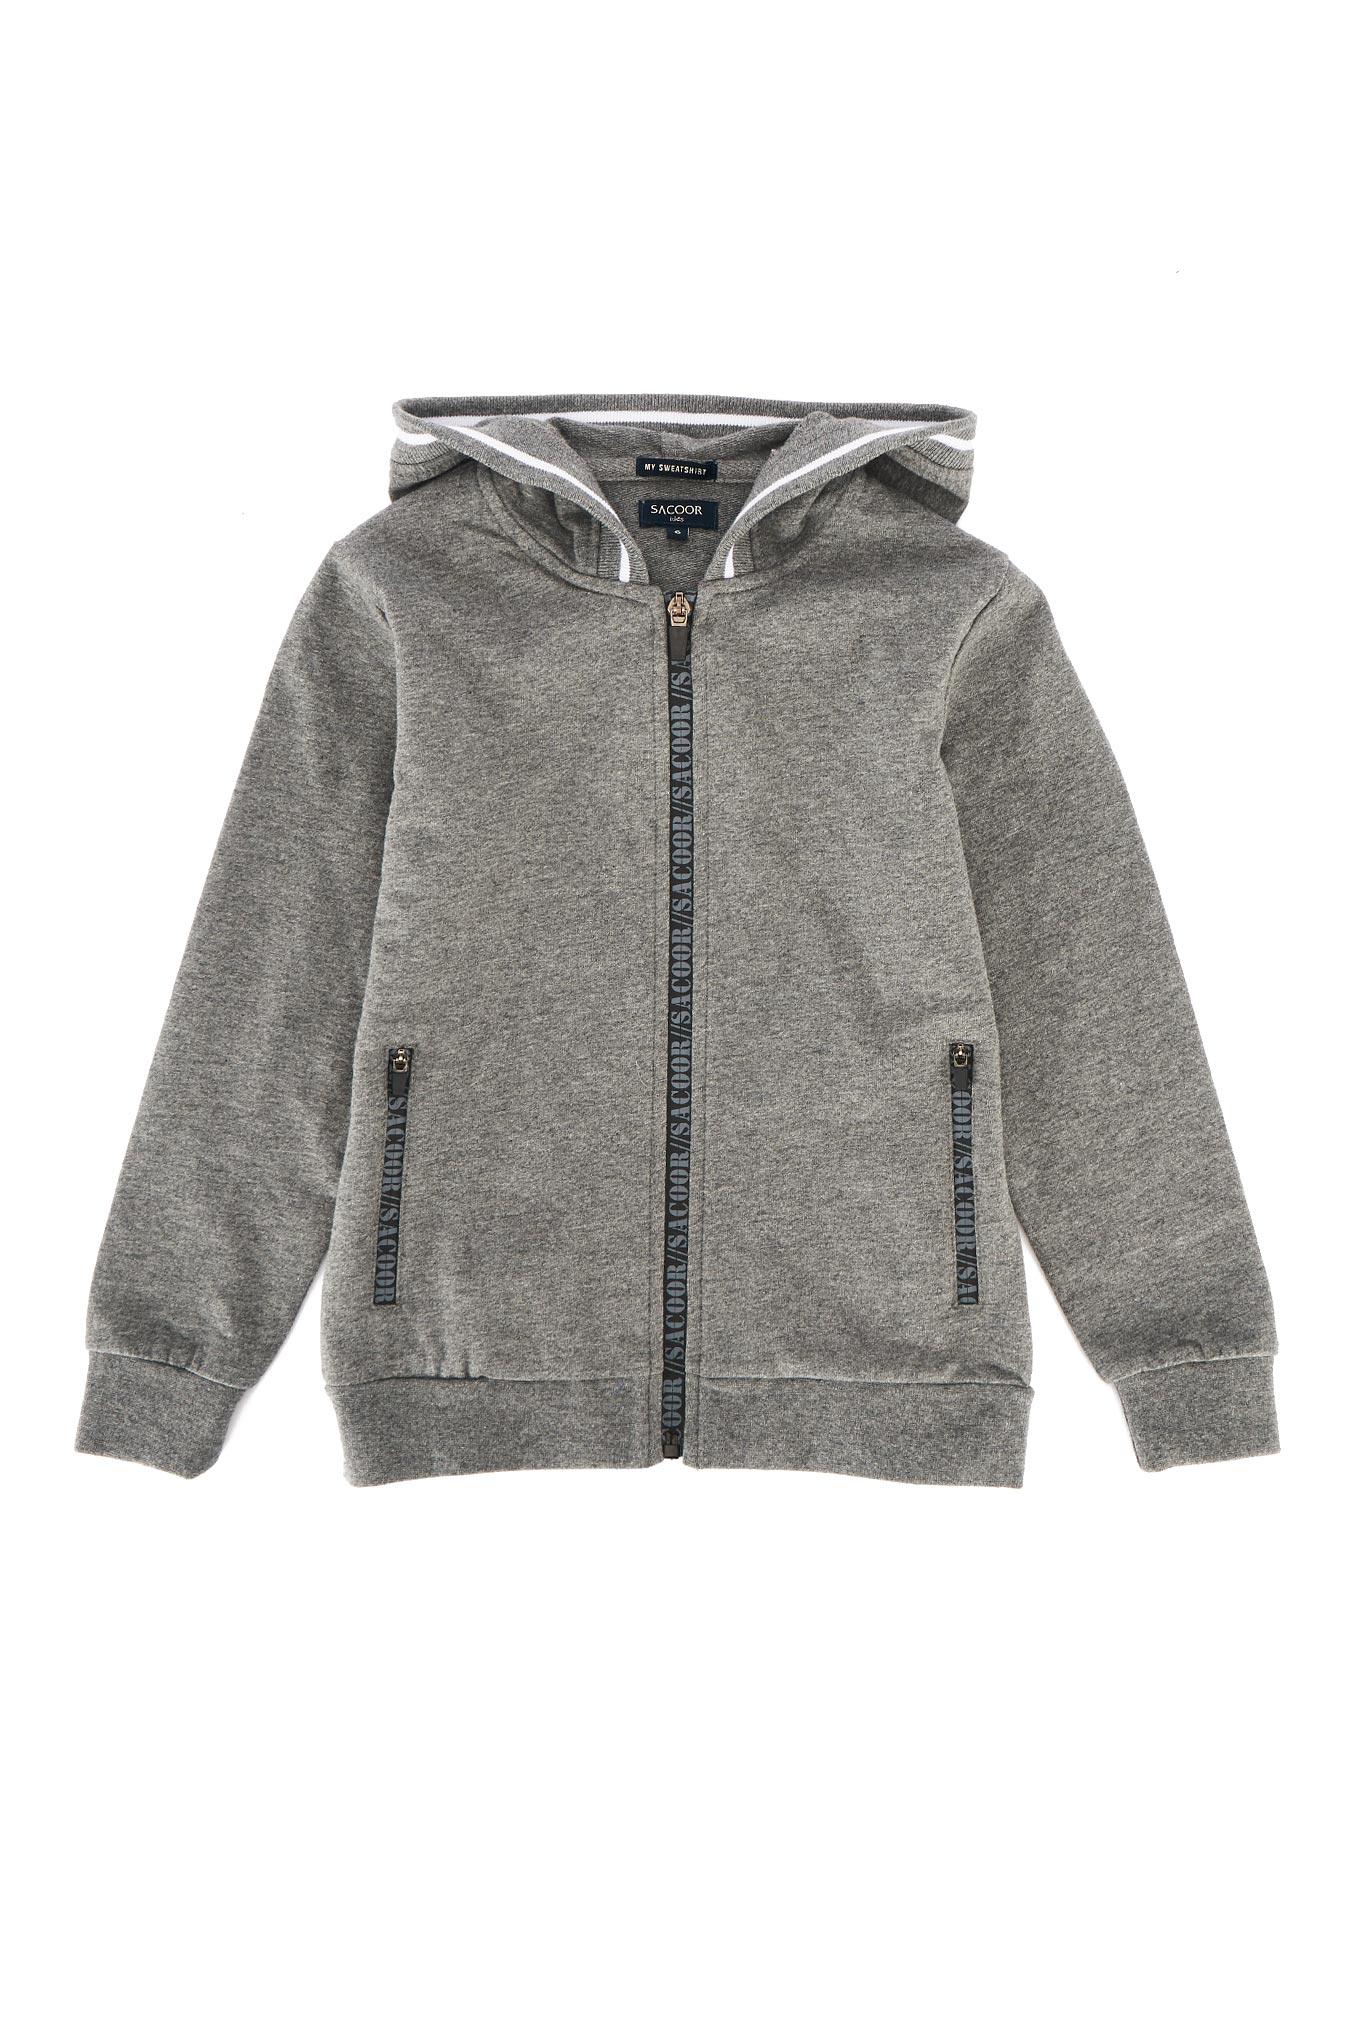 Sweatshirt Cinzento Escuro Sport Rapaz